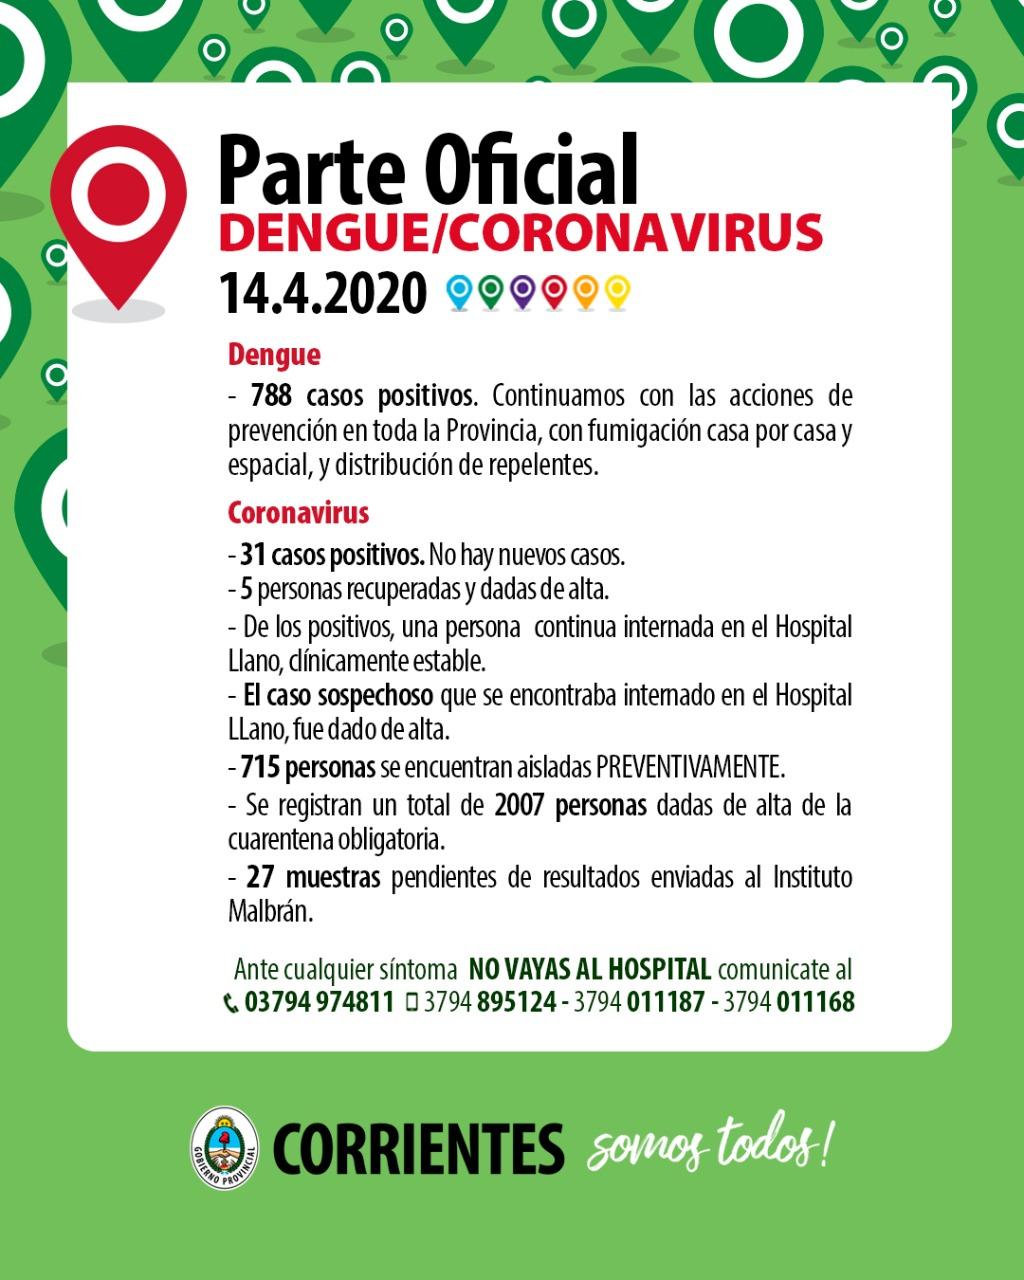 Nuevamente no se registró ningún Caso positivo de Coronavirus en Corrientes